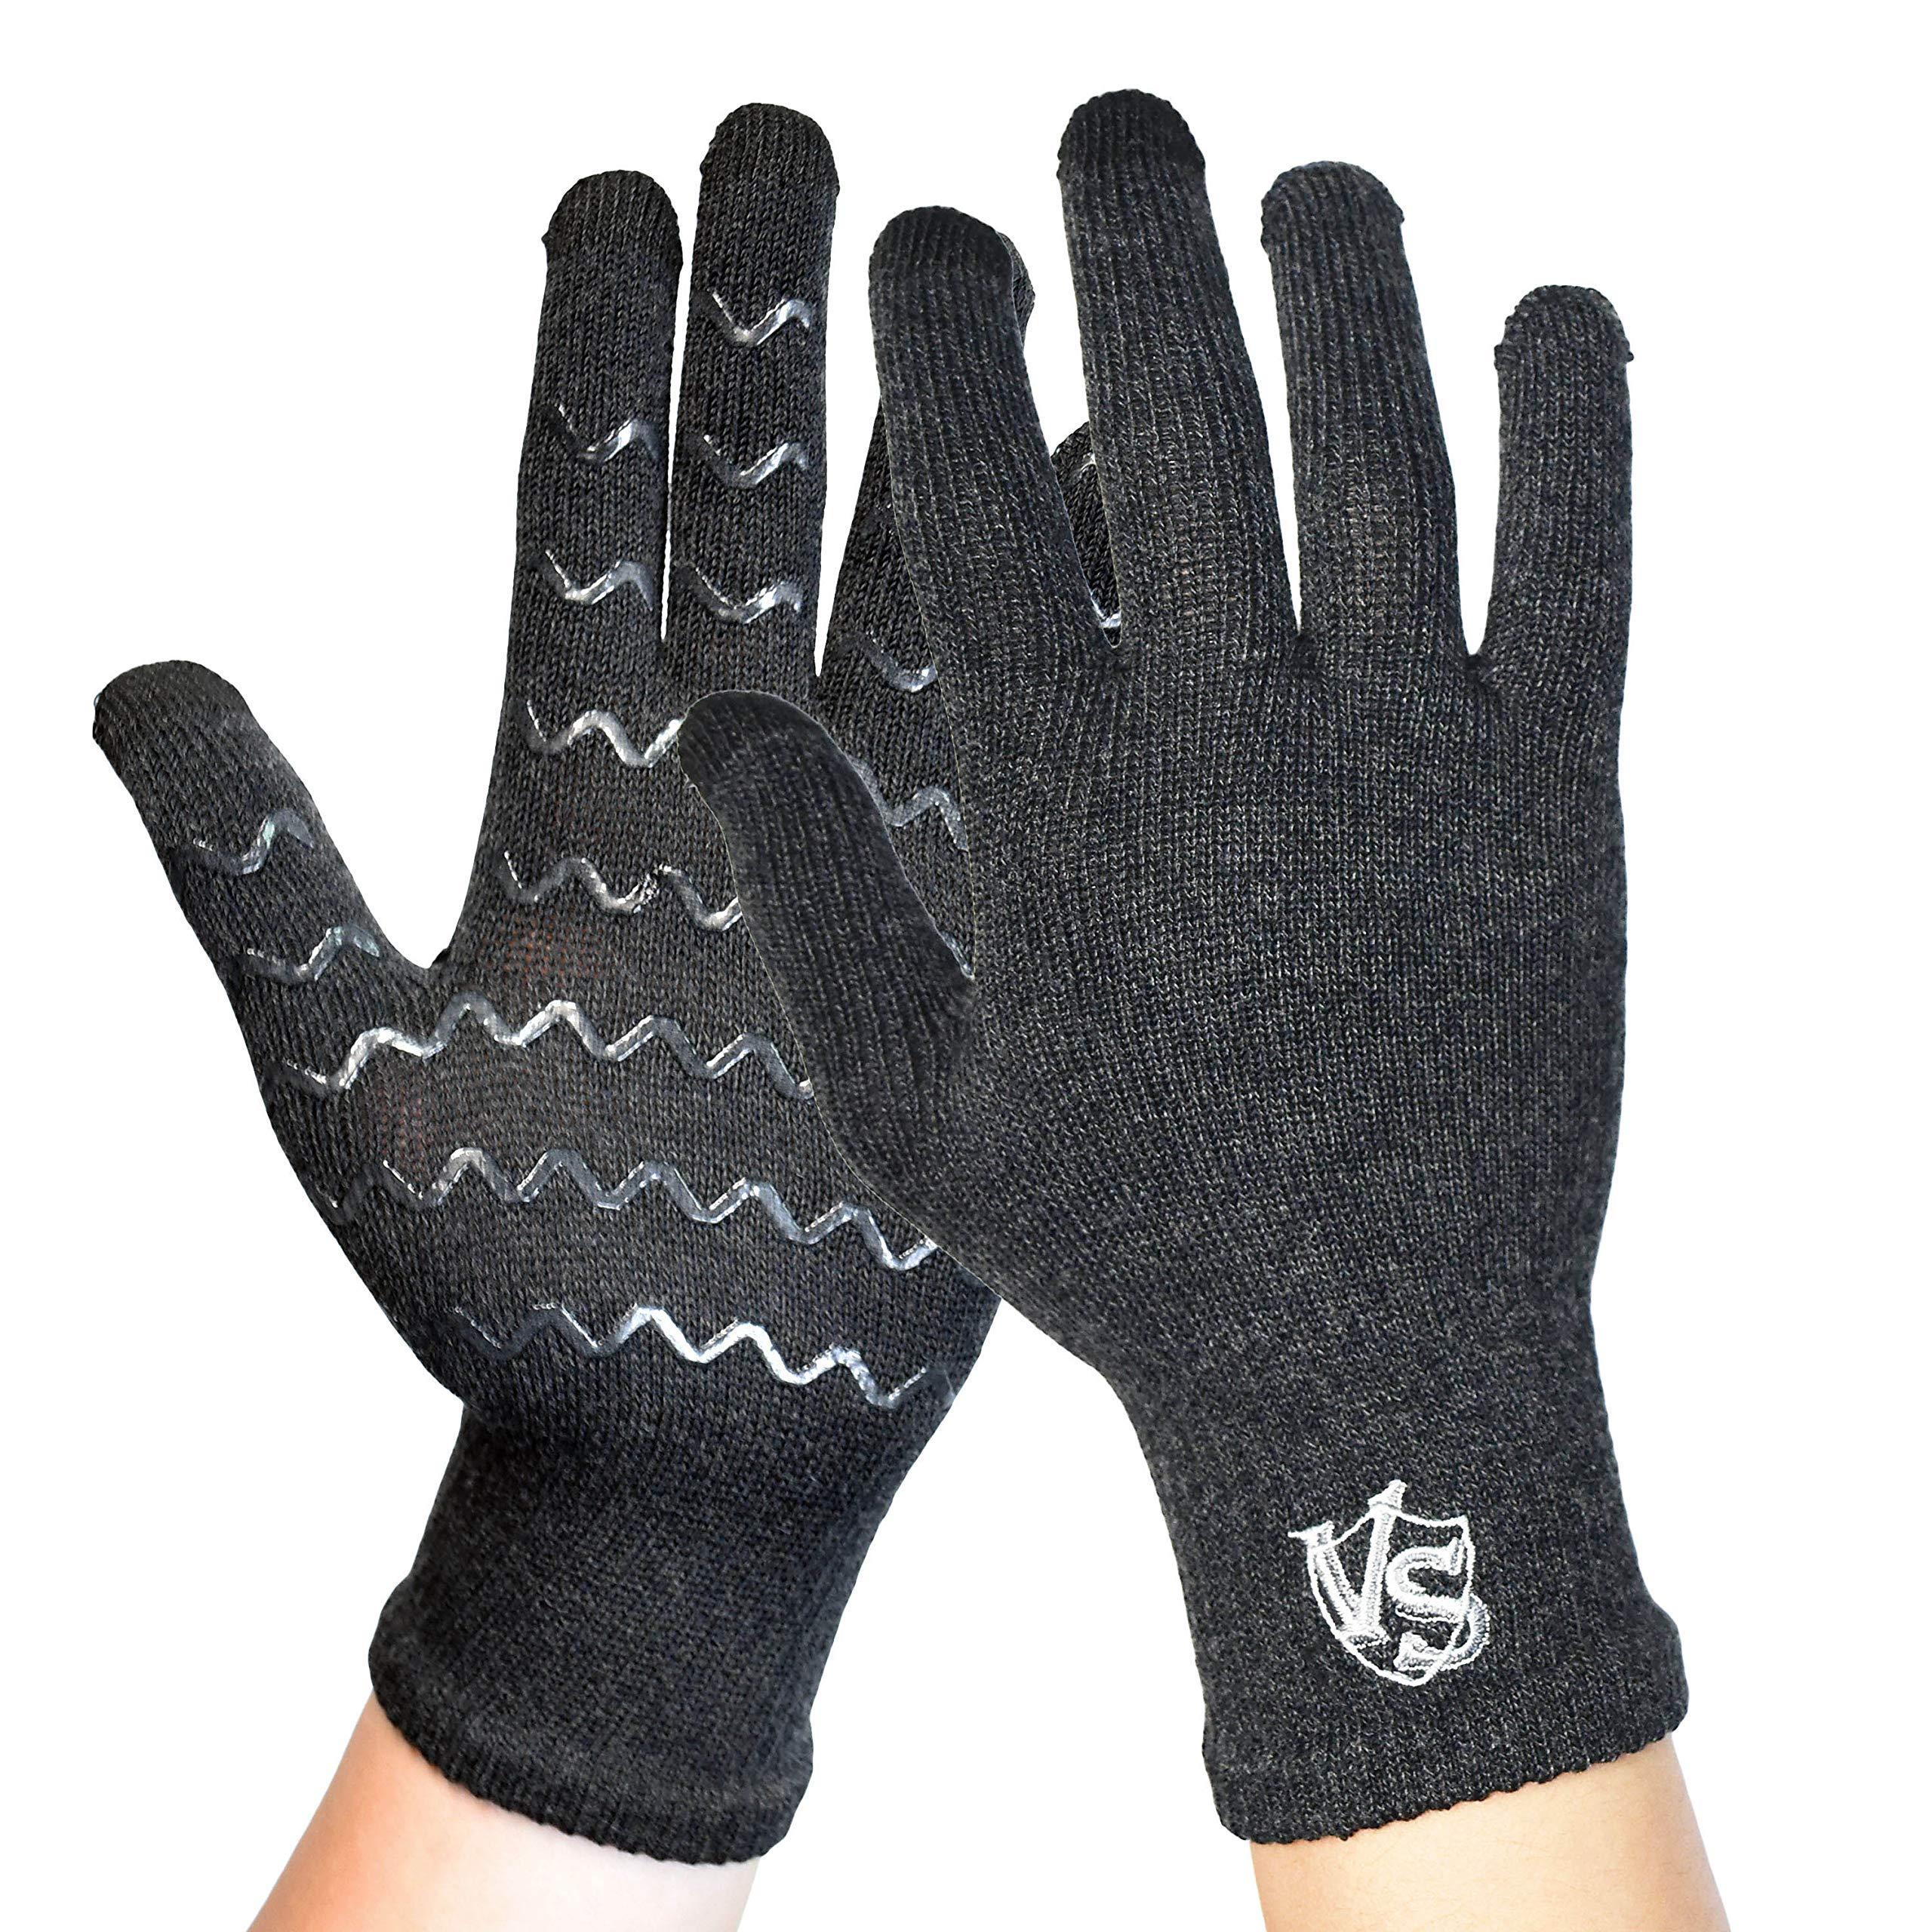 Vital Salveo Full Finger Touchscreen Arthritis Gloves NonSlip Carpal Tunnel-Pair